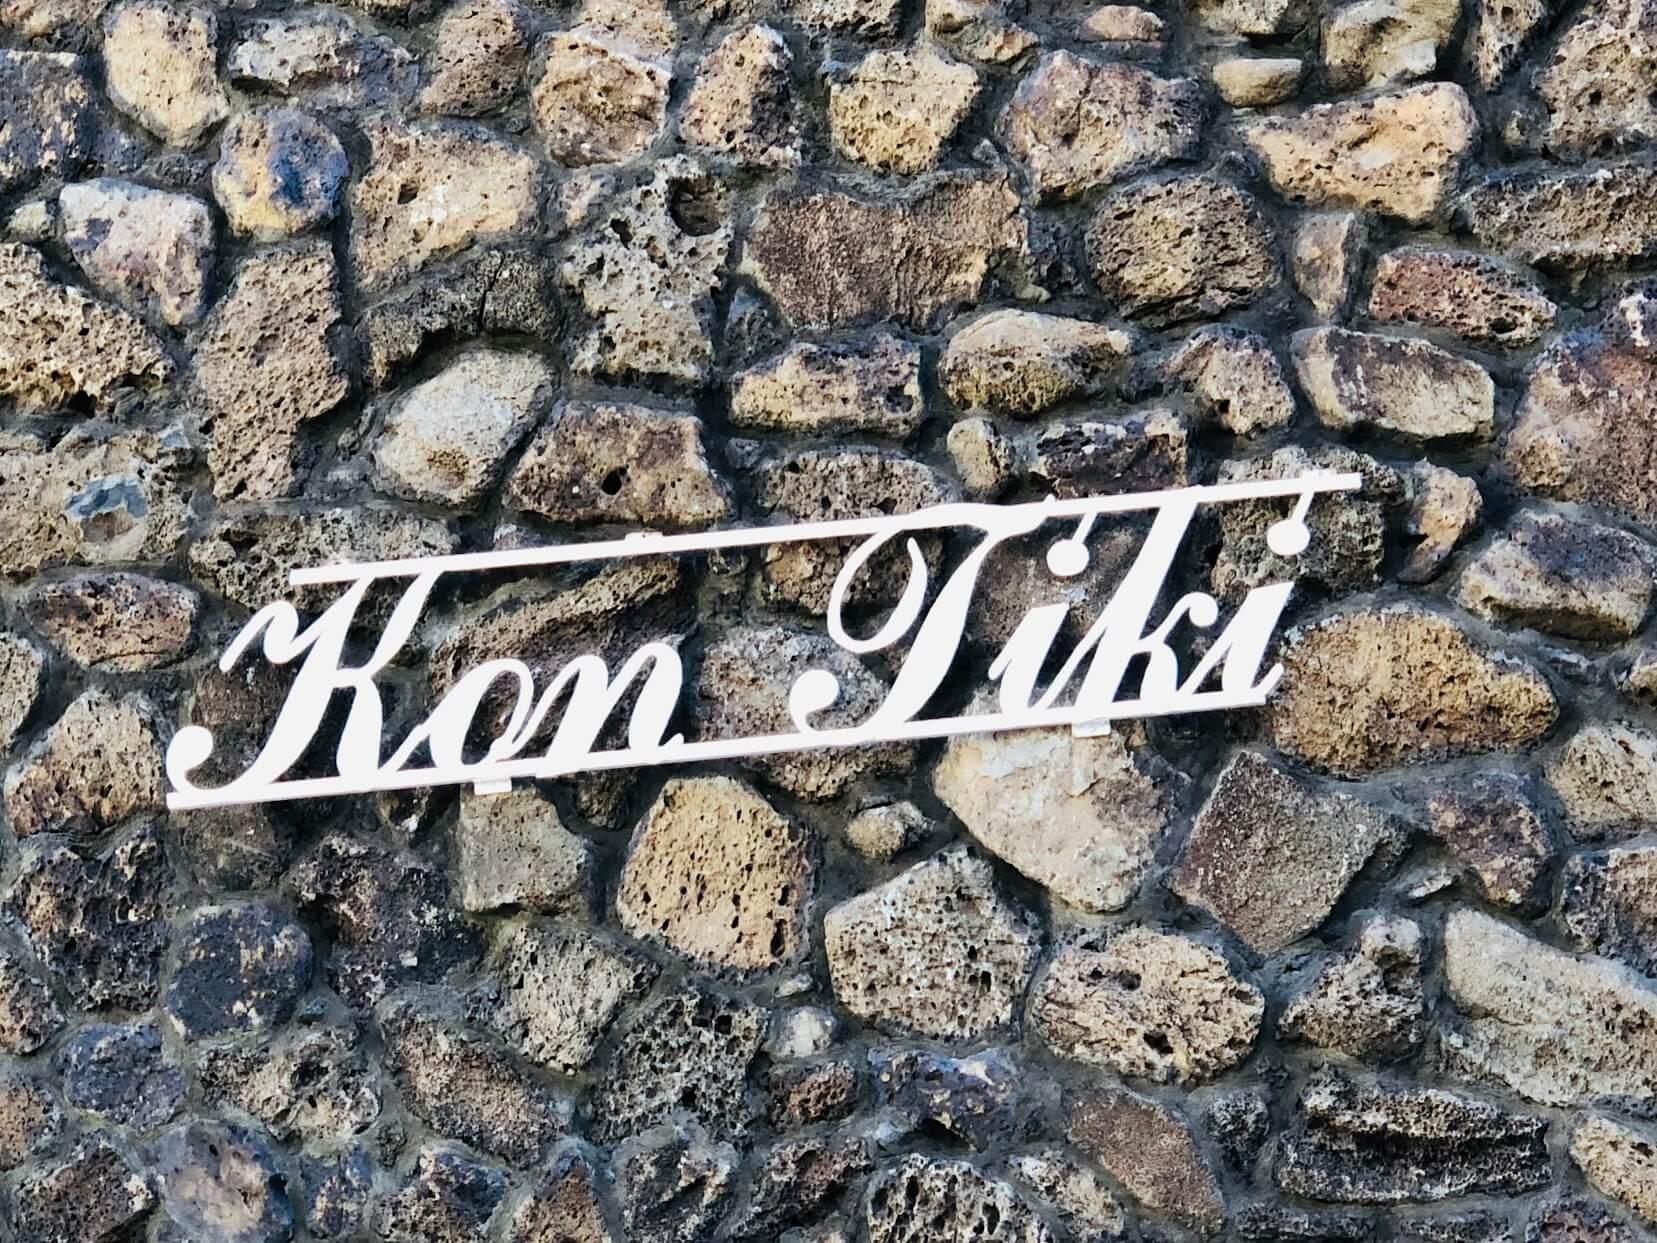 KON TIKIの看板